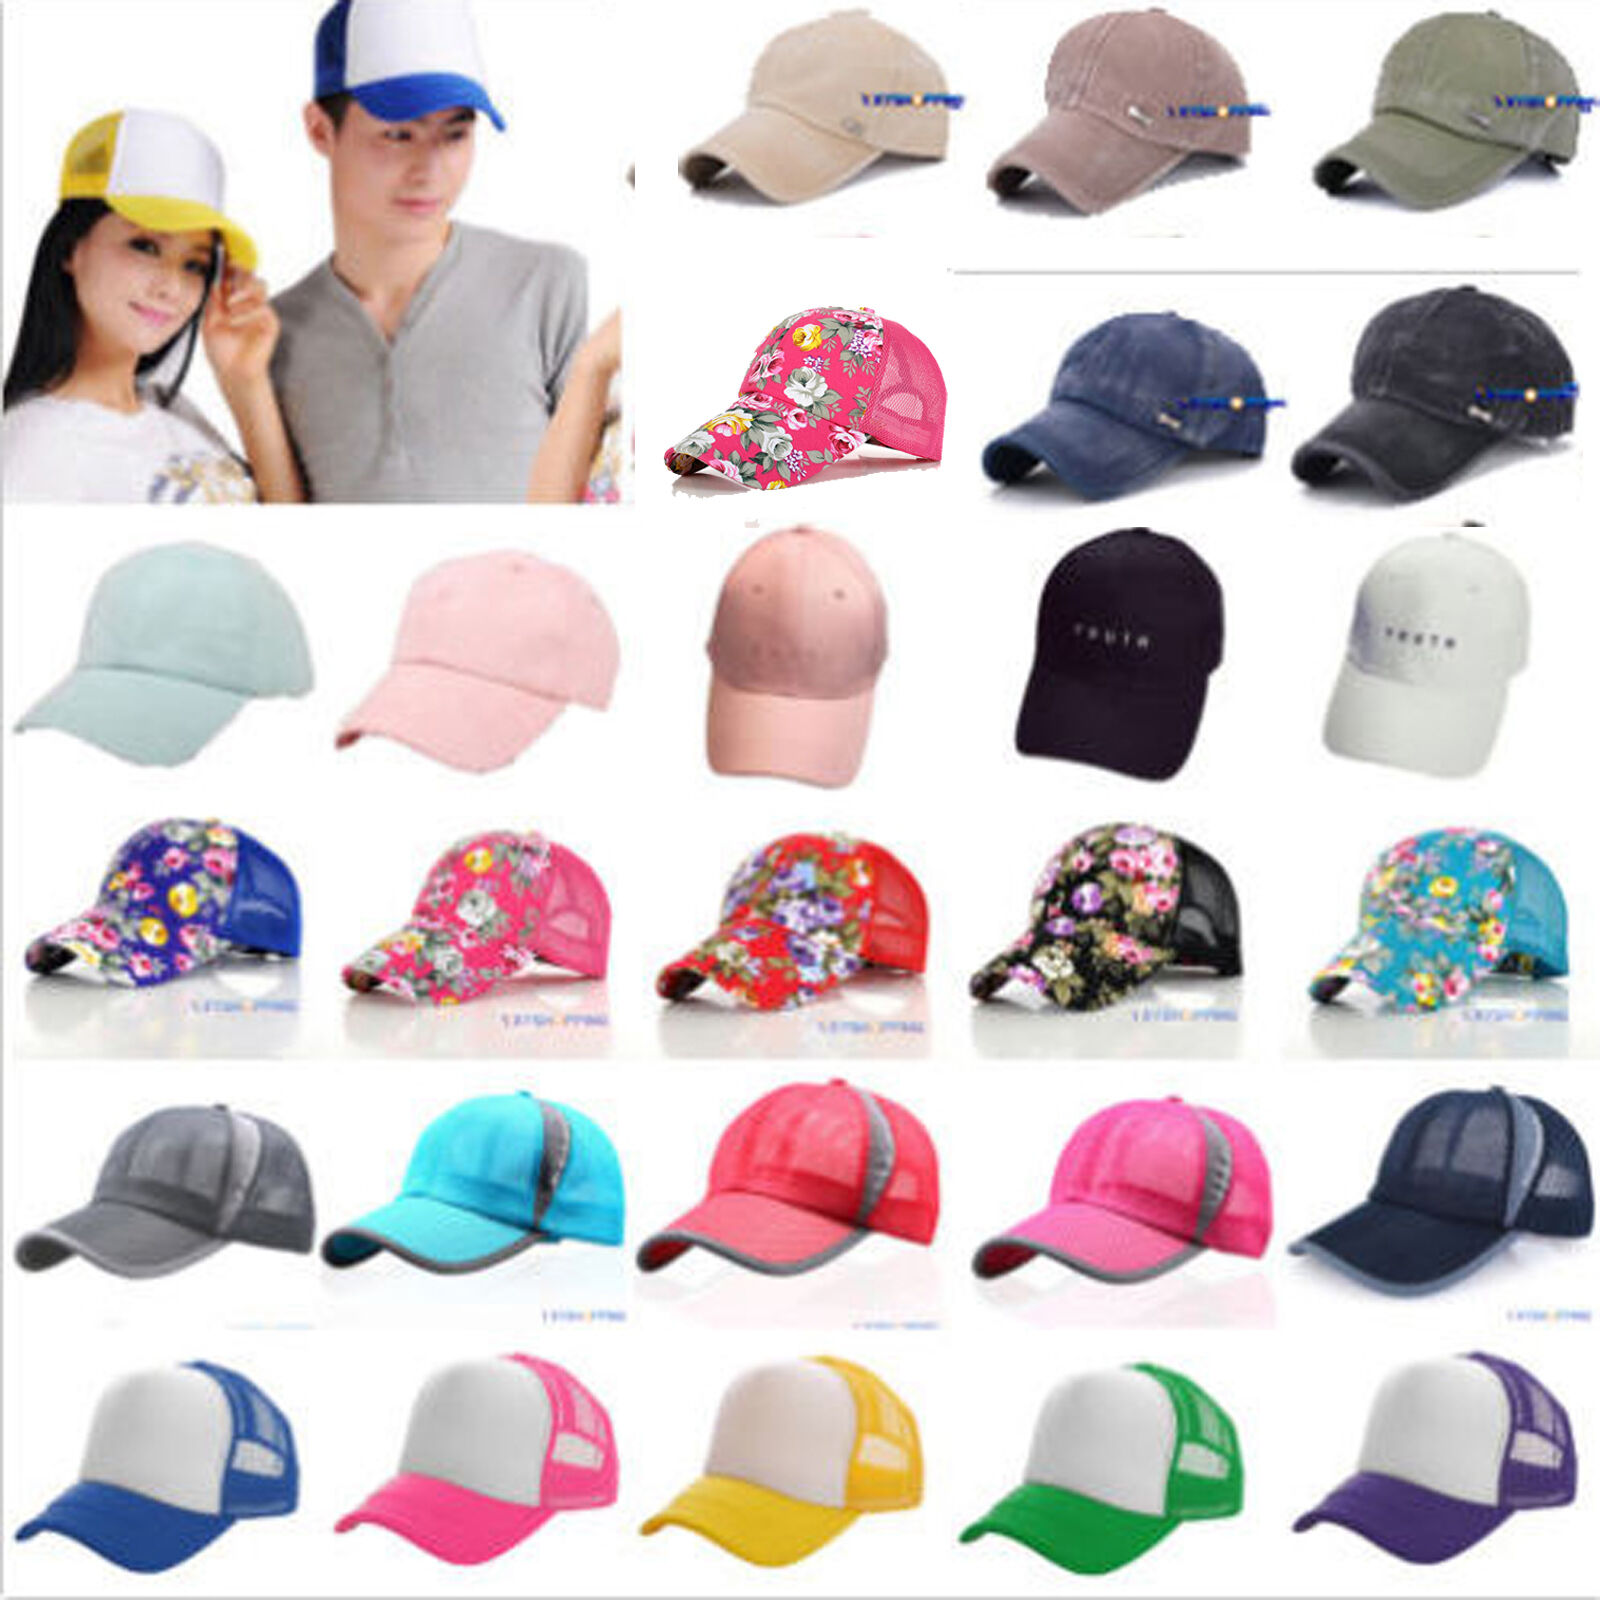 Herren Damen Baseball Cap Hüte Mützen Snapback Mesh Kappe Sports Hut Sommer BF